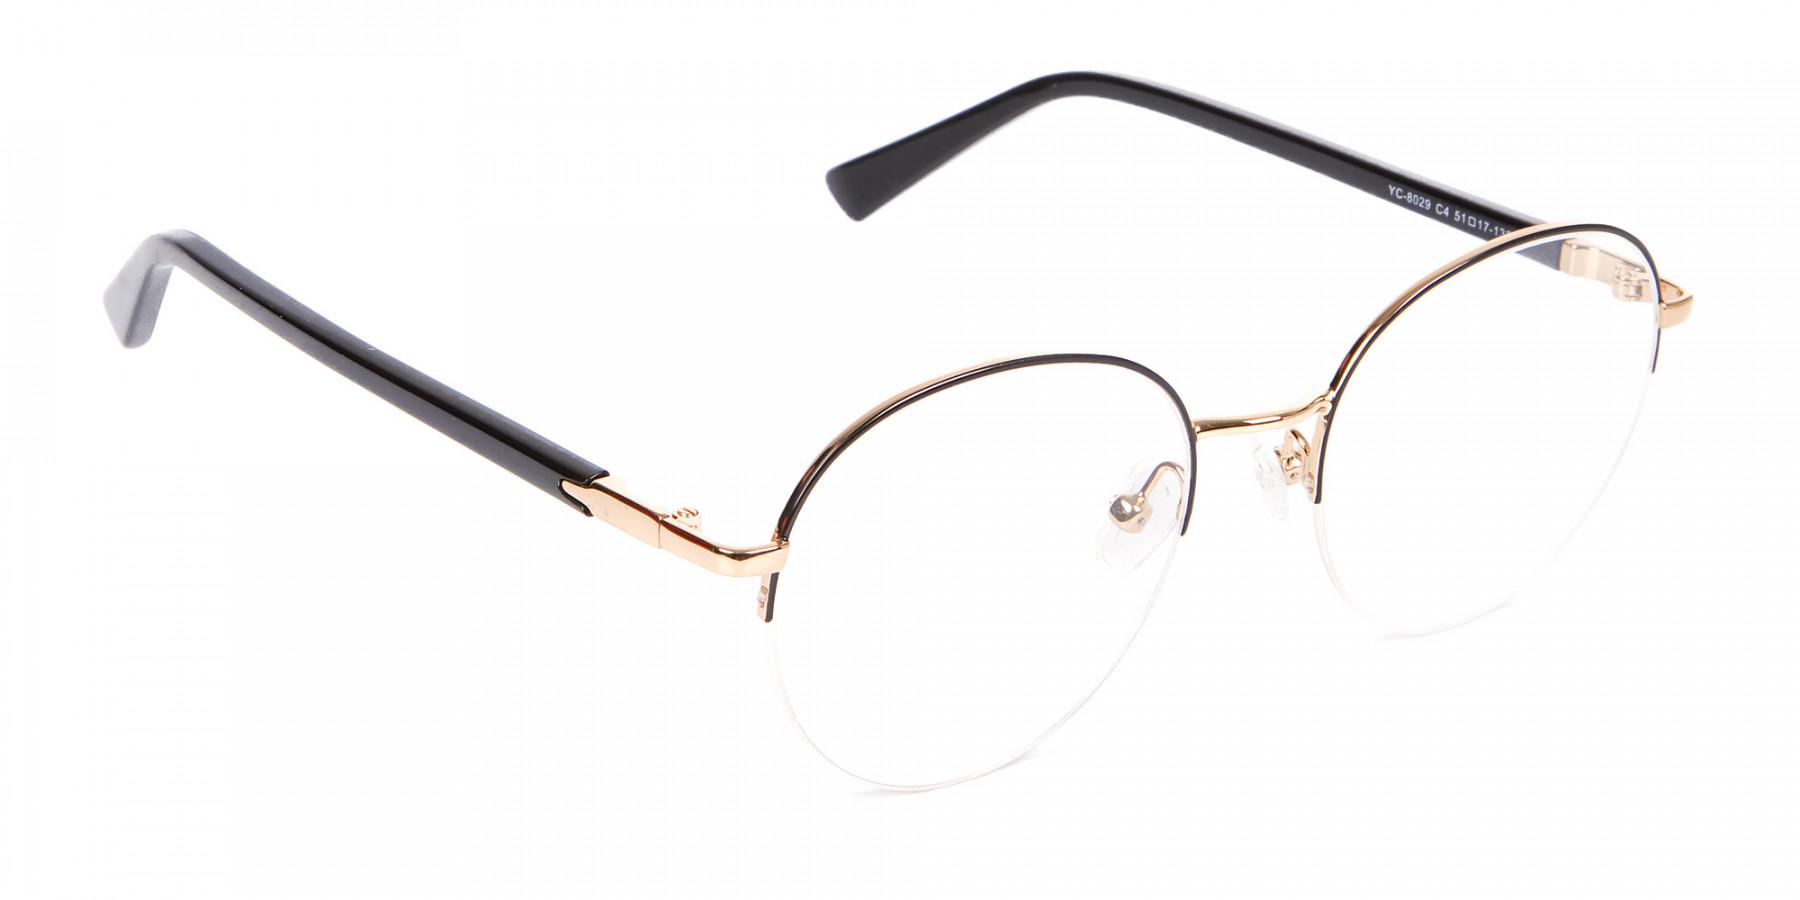 Black & Gold Half-rimmed Designer Glasses UK-1